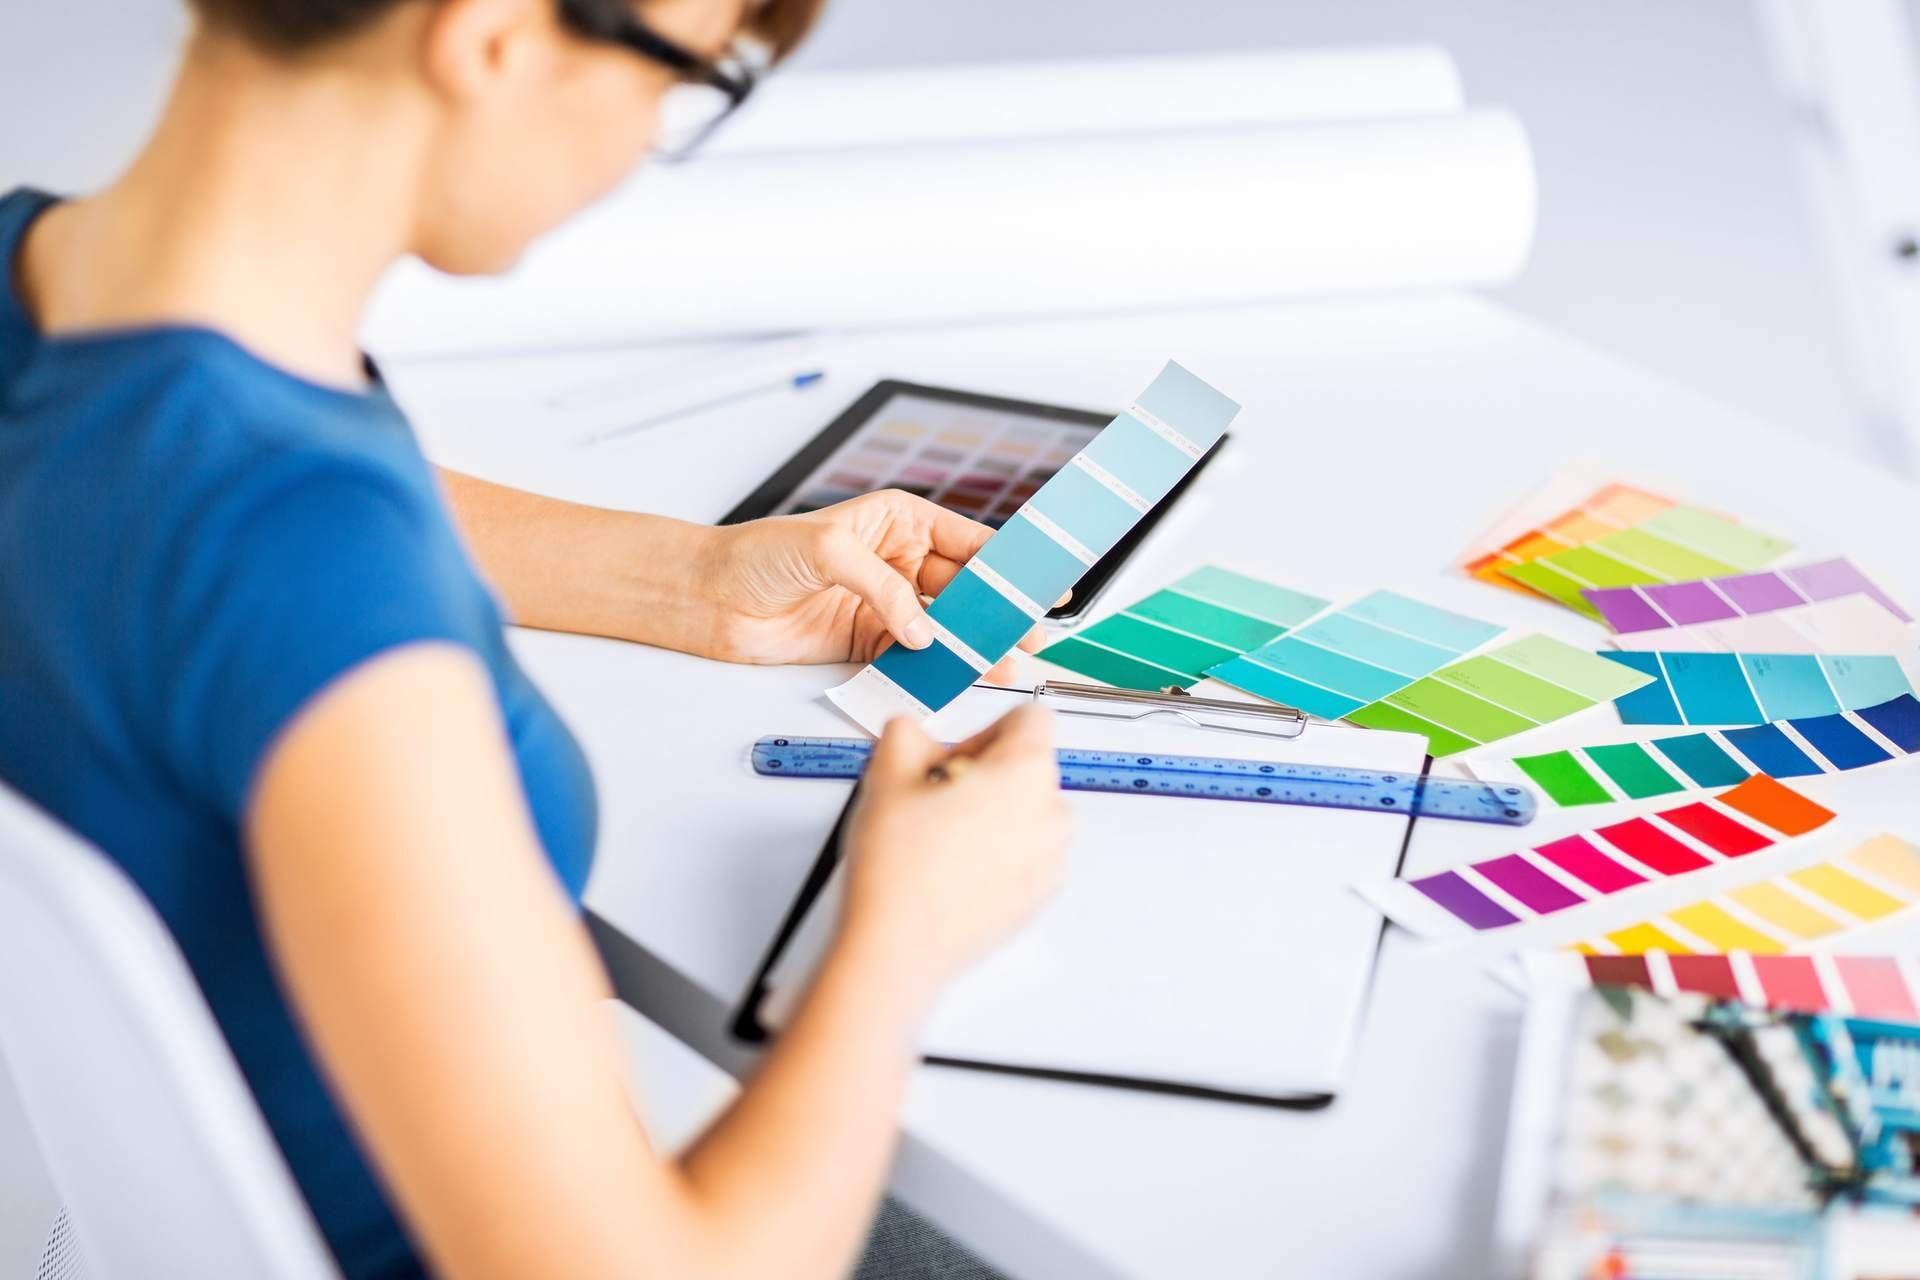 architekt trzyma w rekach wzorniki kolorów